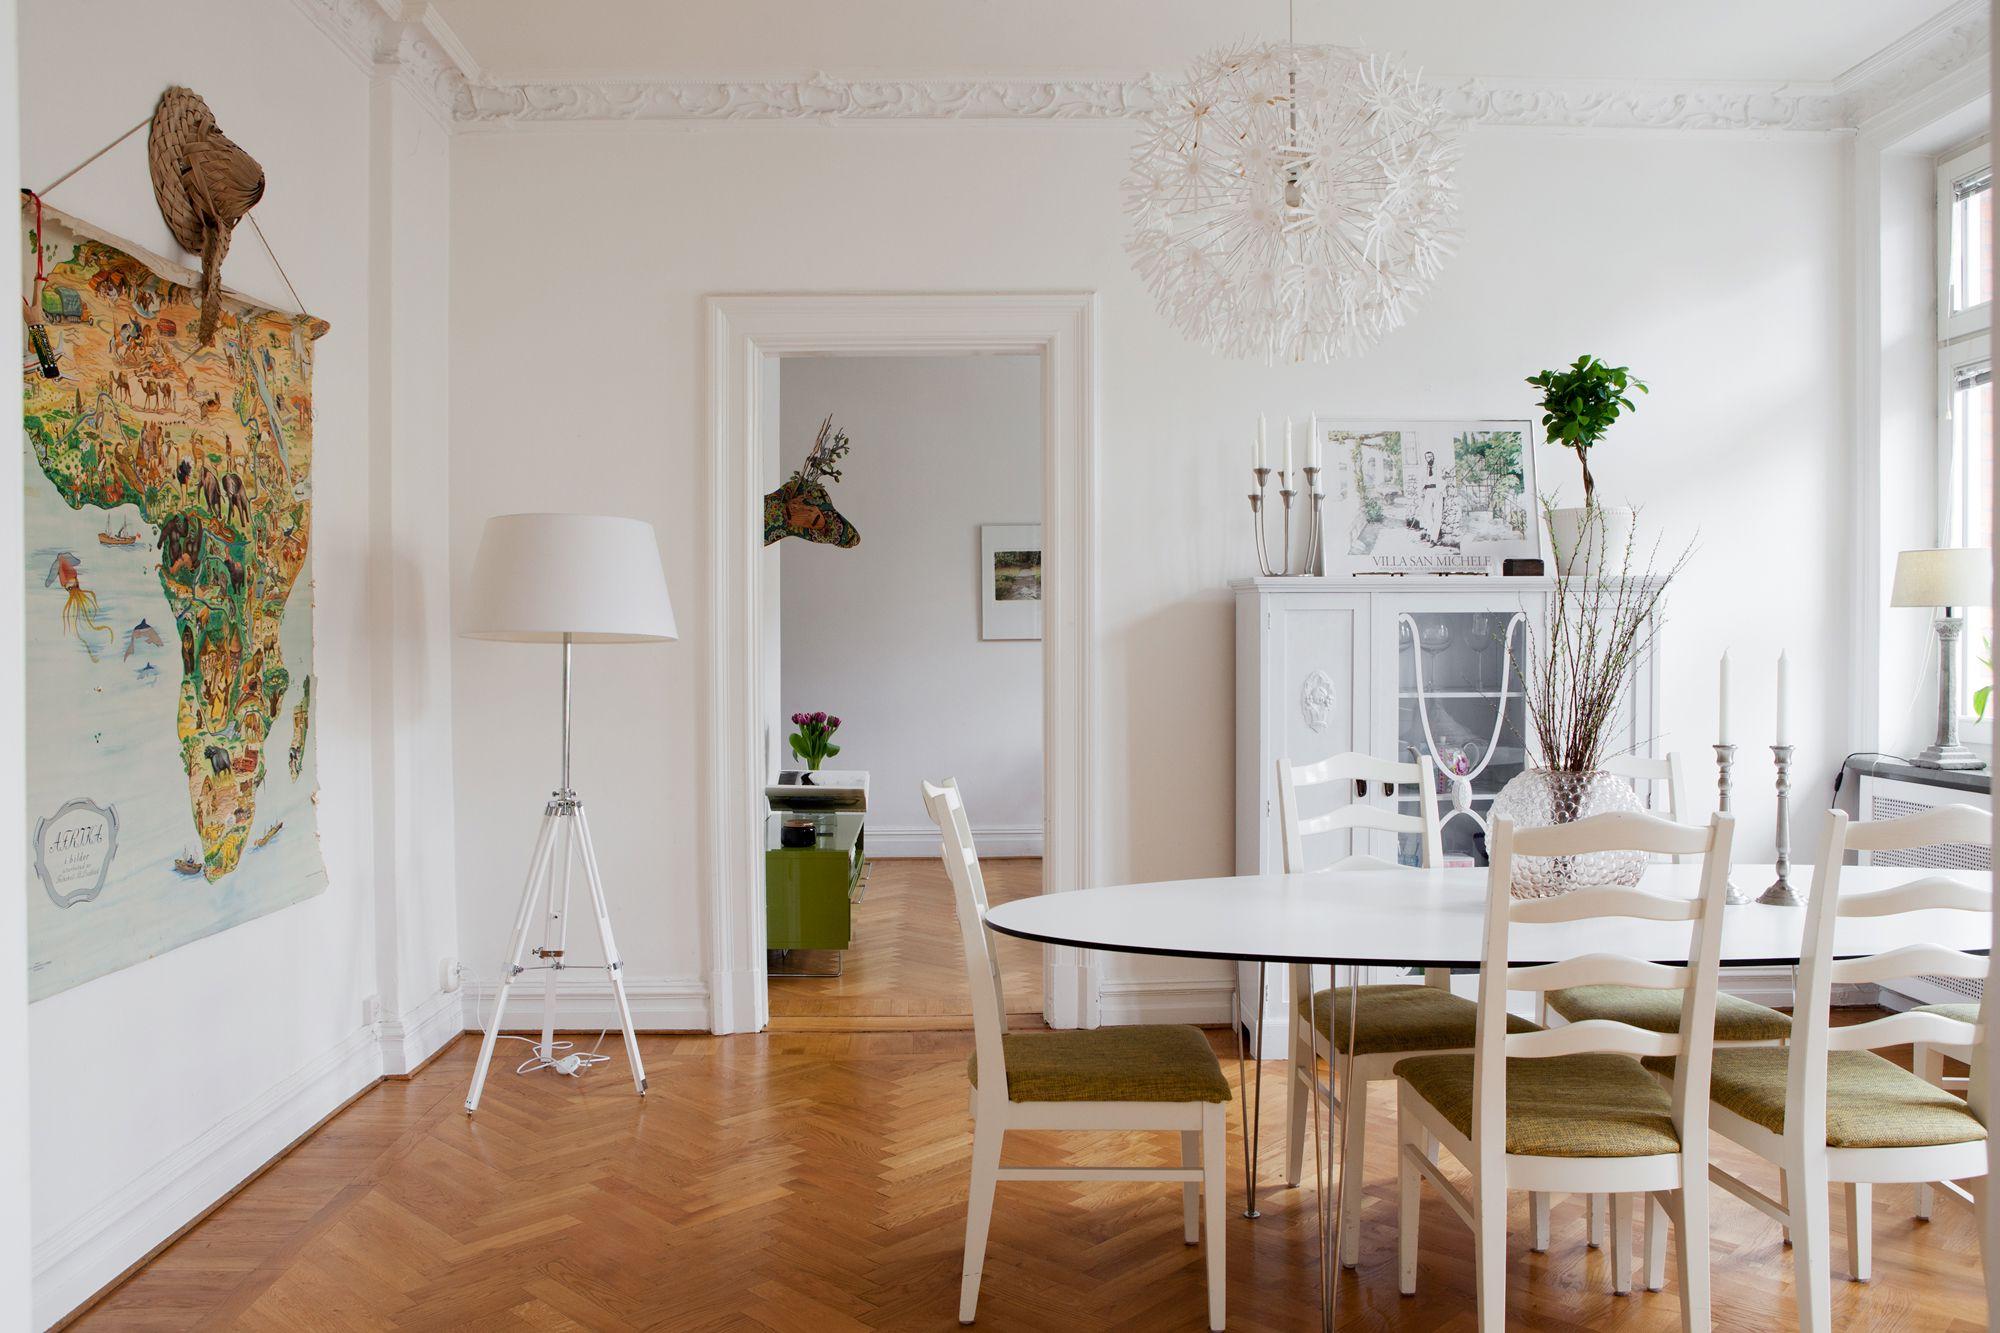 Decoracion Estilo Nordico Madrid ~ souvenirs decoraci?n hogar estilo n?rdico escandinavo estilo